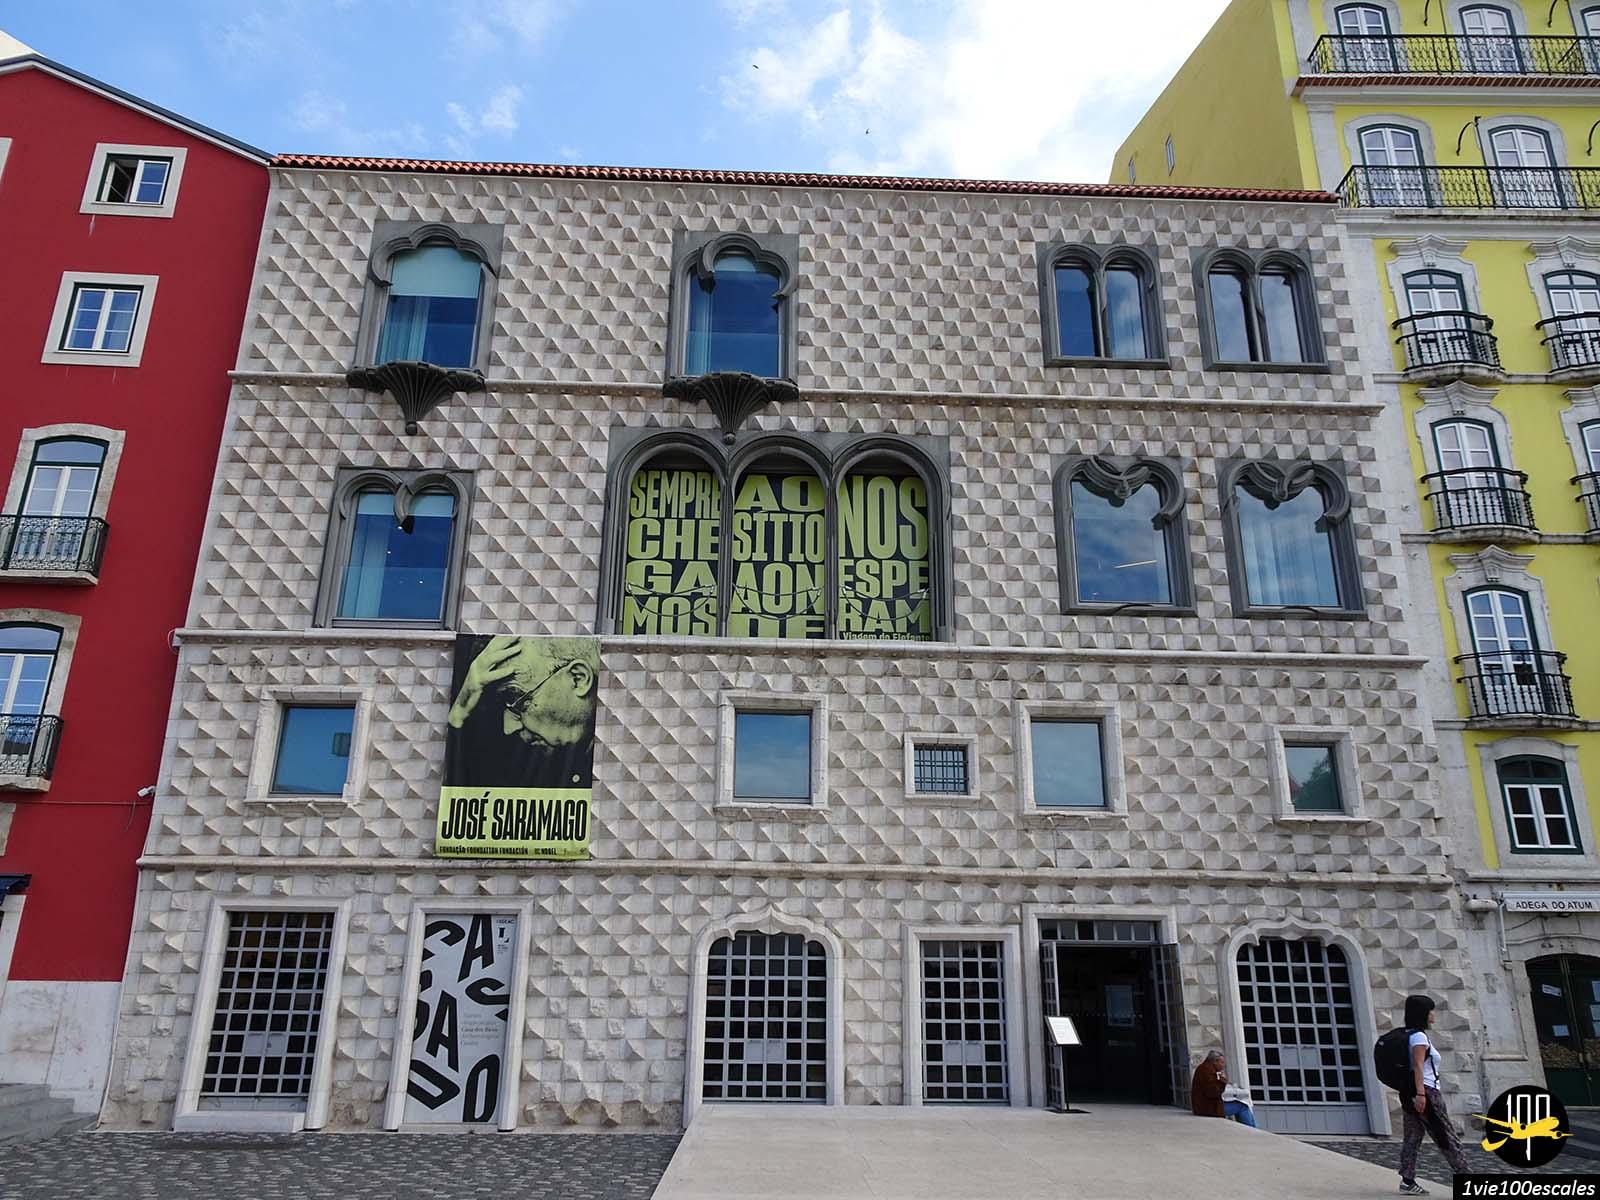 La Casa dos Bicos est un édifice emblématique de Lisbonne